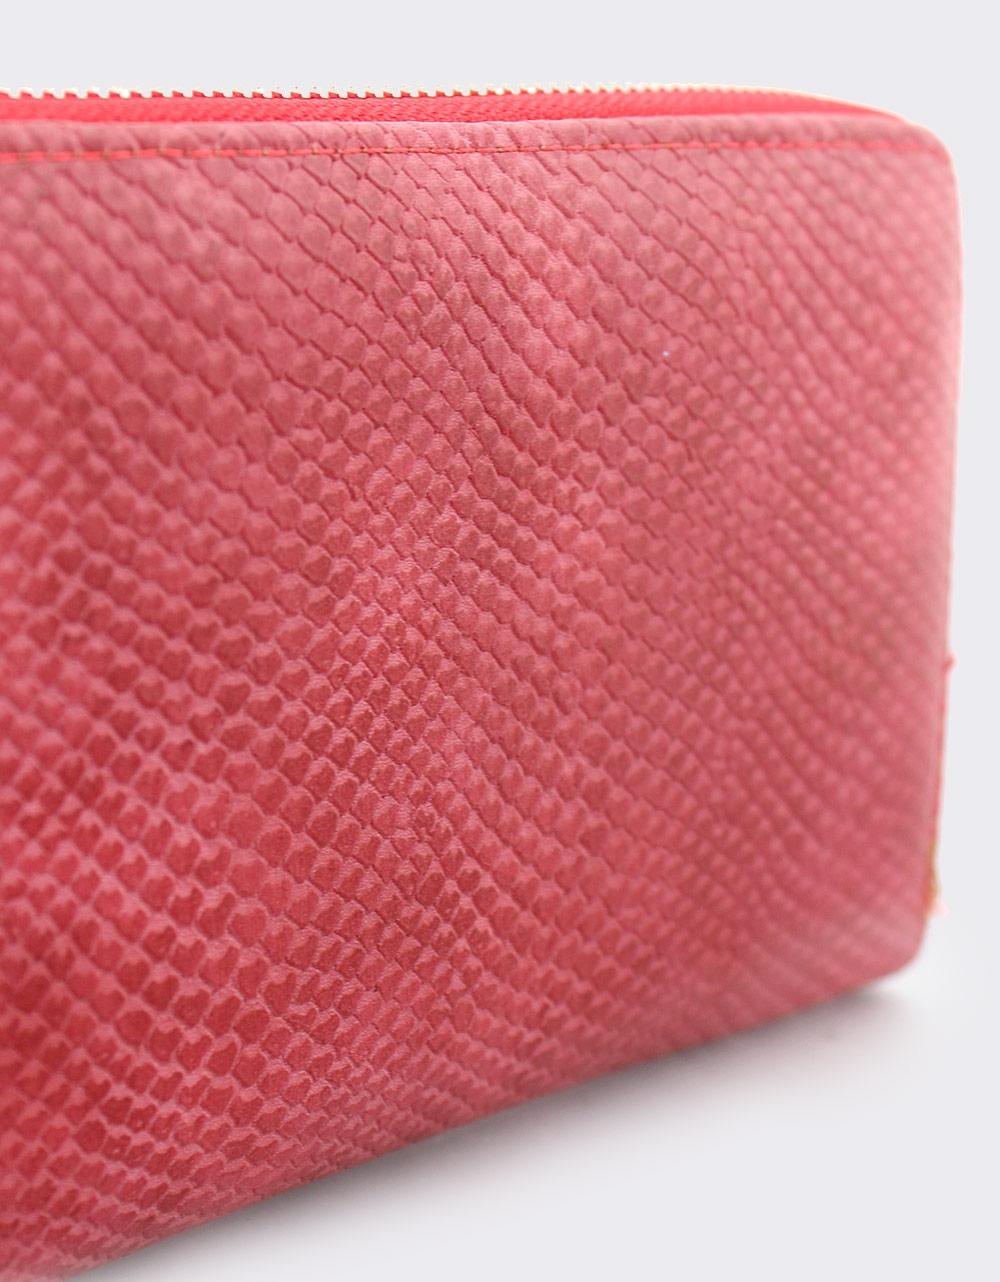 Εικόνα από Γυναικεία πορτοφόλια με κροκό μοτίβο Κόκκινο